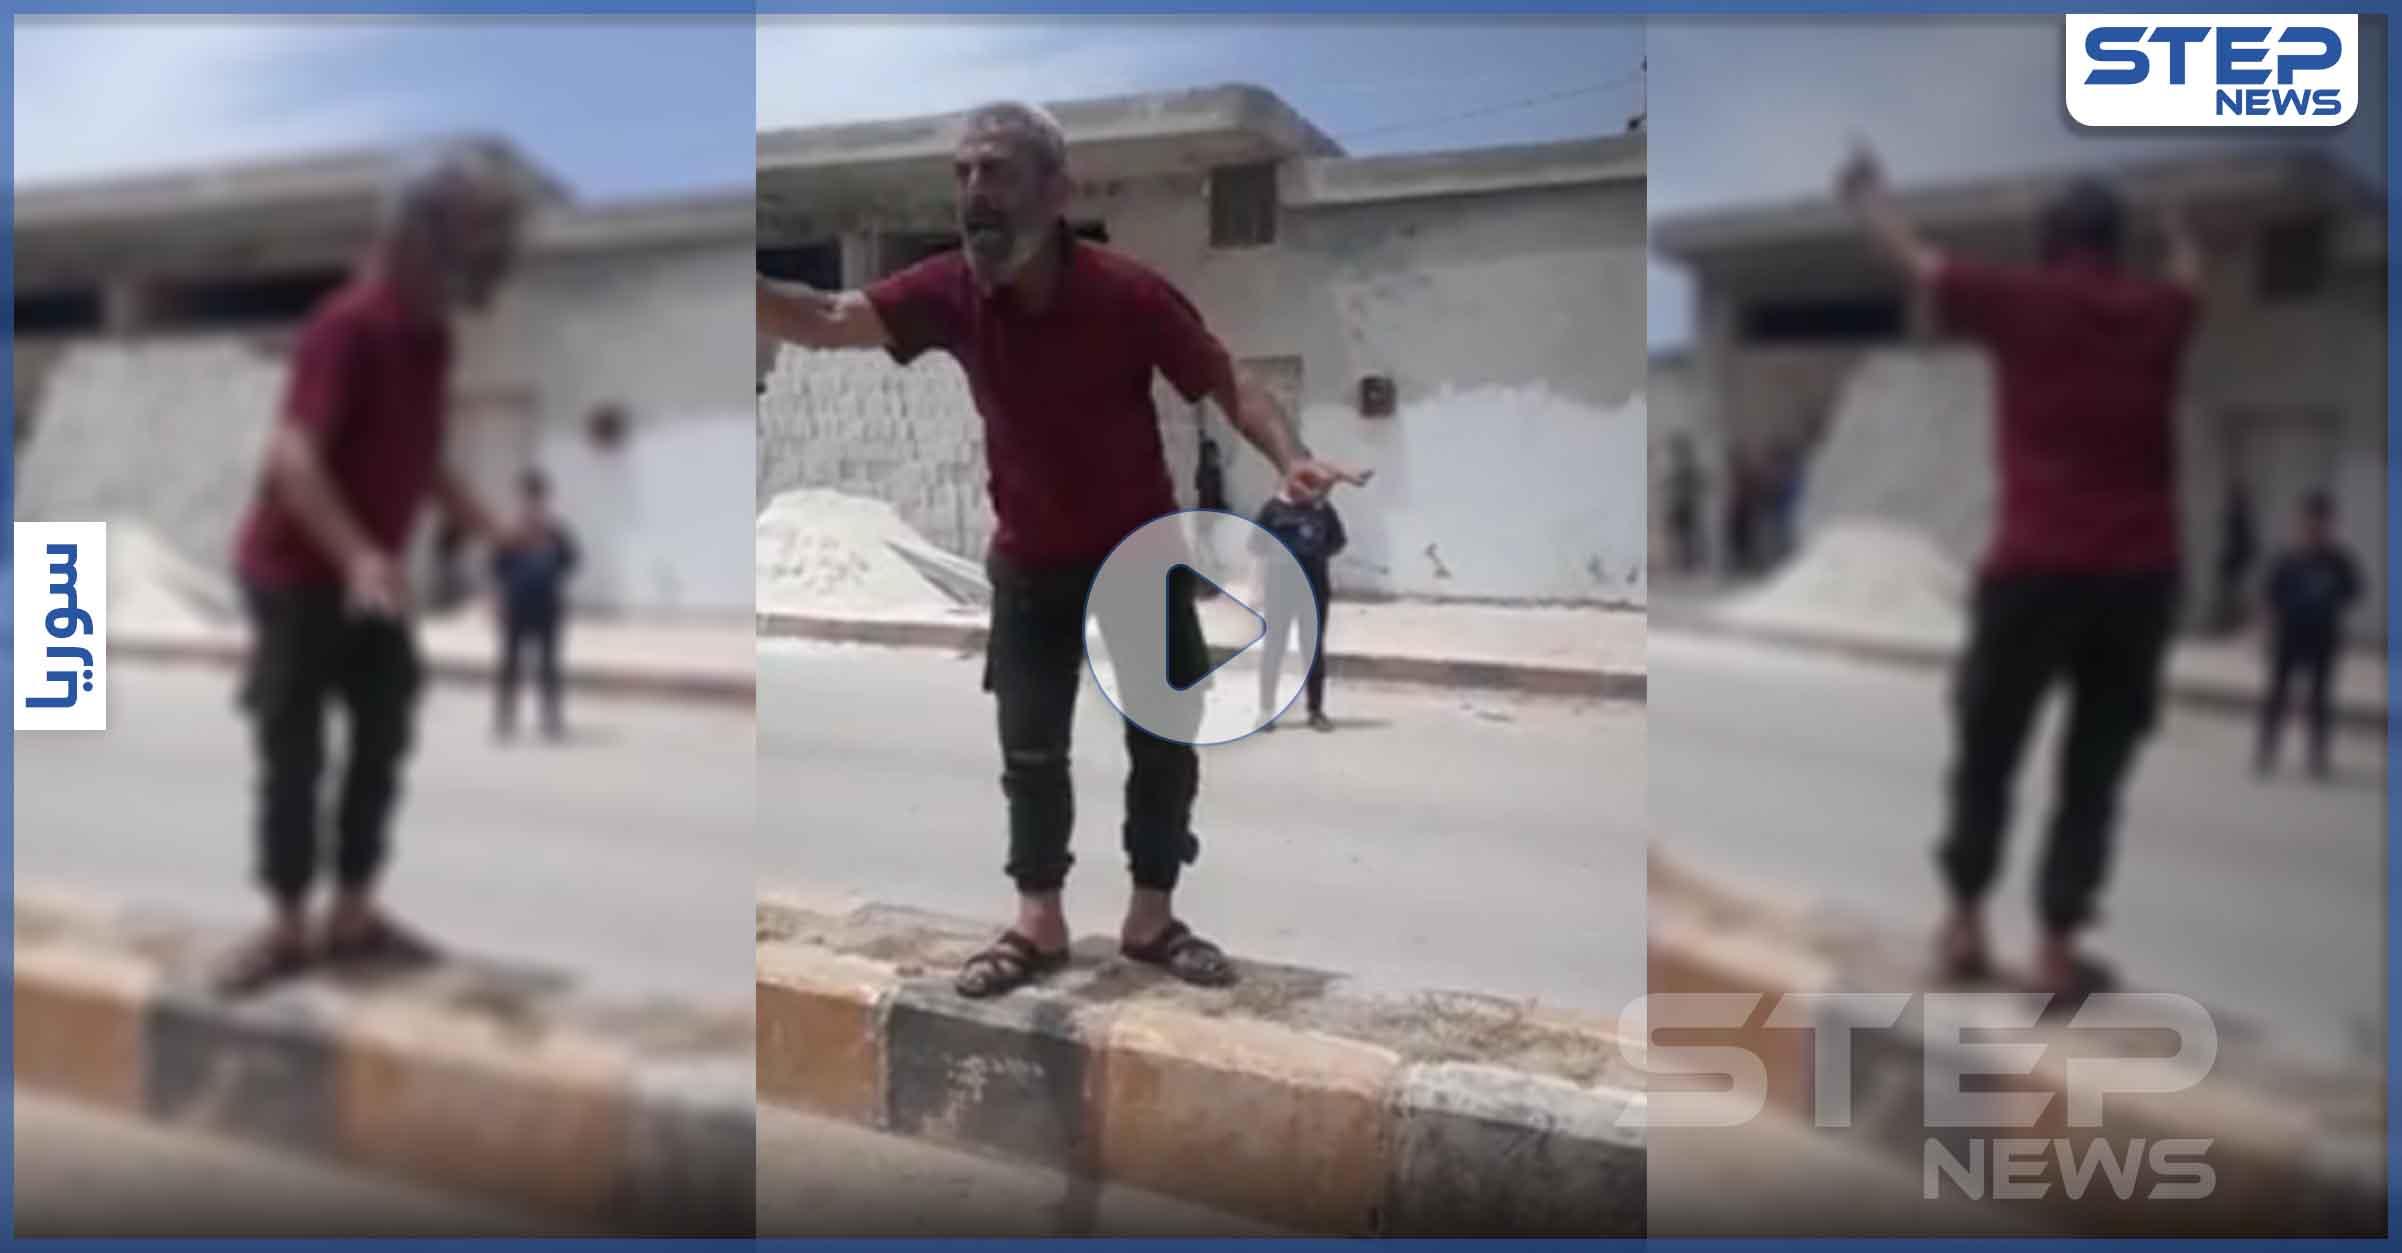 بالفيديو|| قيادي موالي لتركيا يهدد بتدمير حي كامل بالسلاح الثقيل شمال حلب